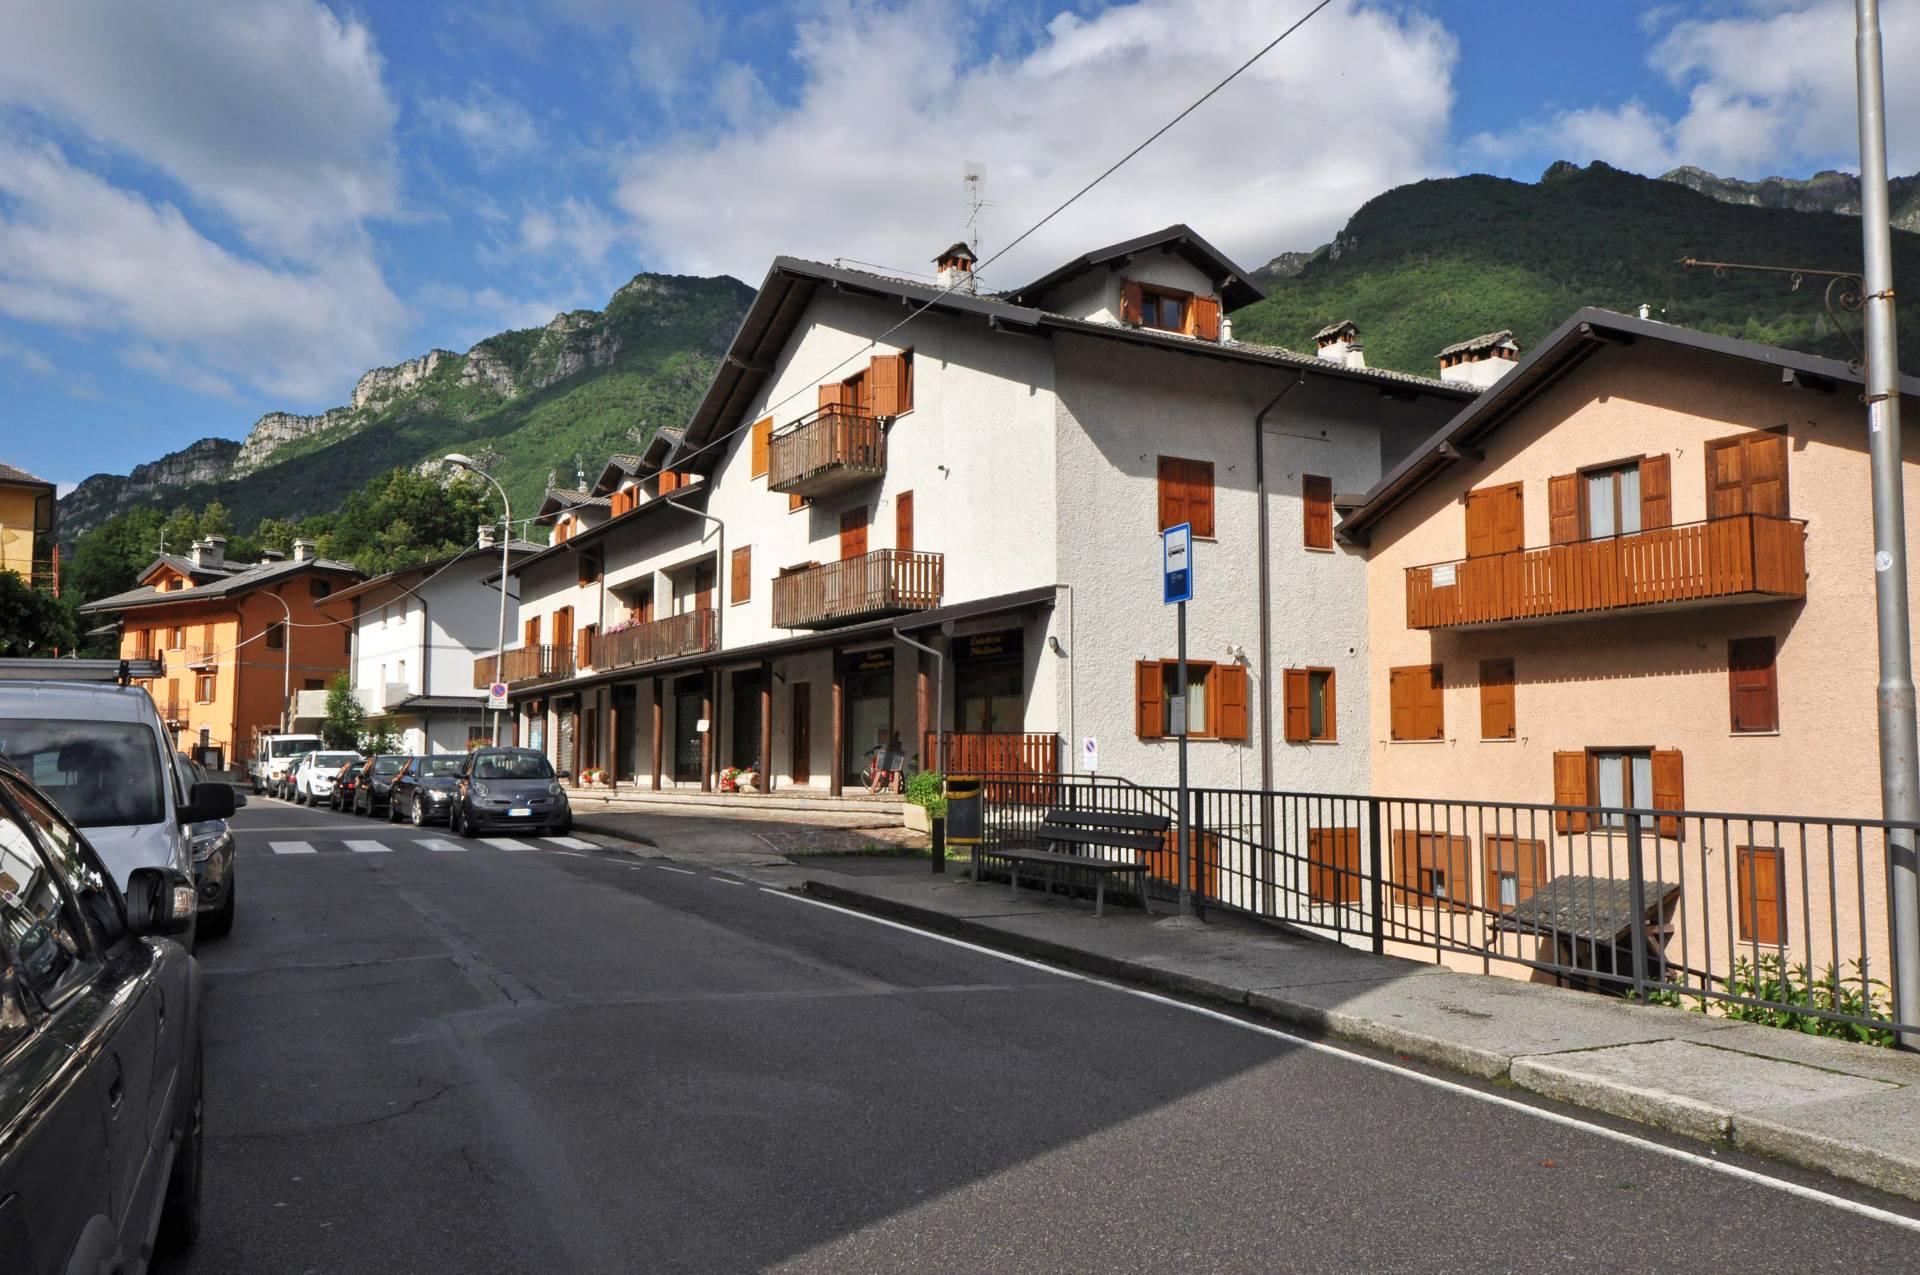 Appartamento in vendita a Piazza Brembana, 3 locali, prezzo € 97.000 | Cambio Casa.it